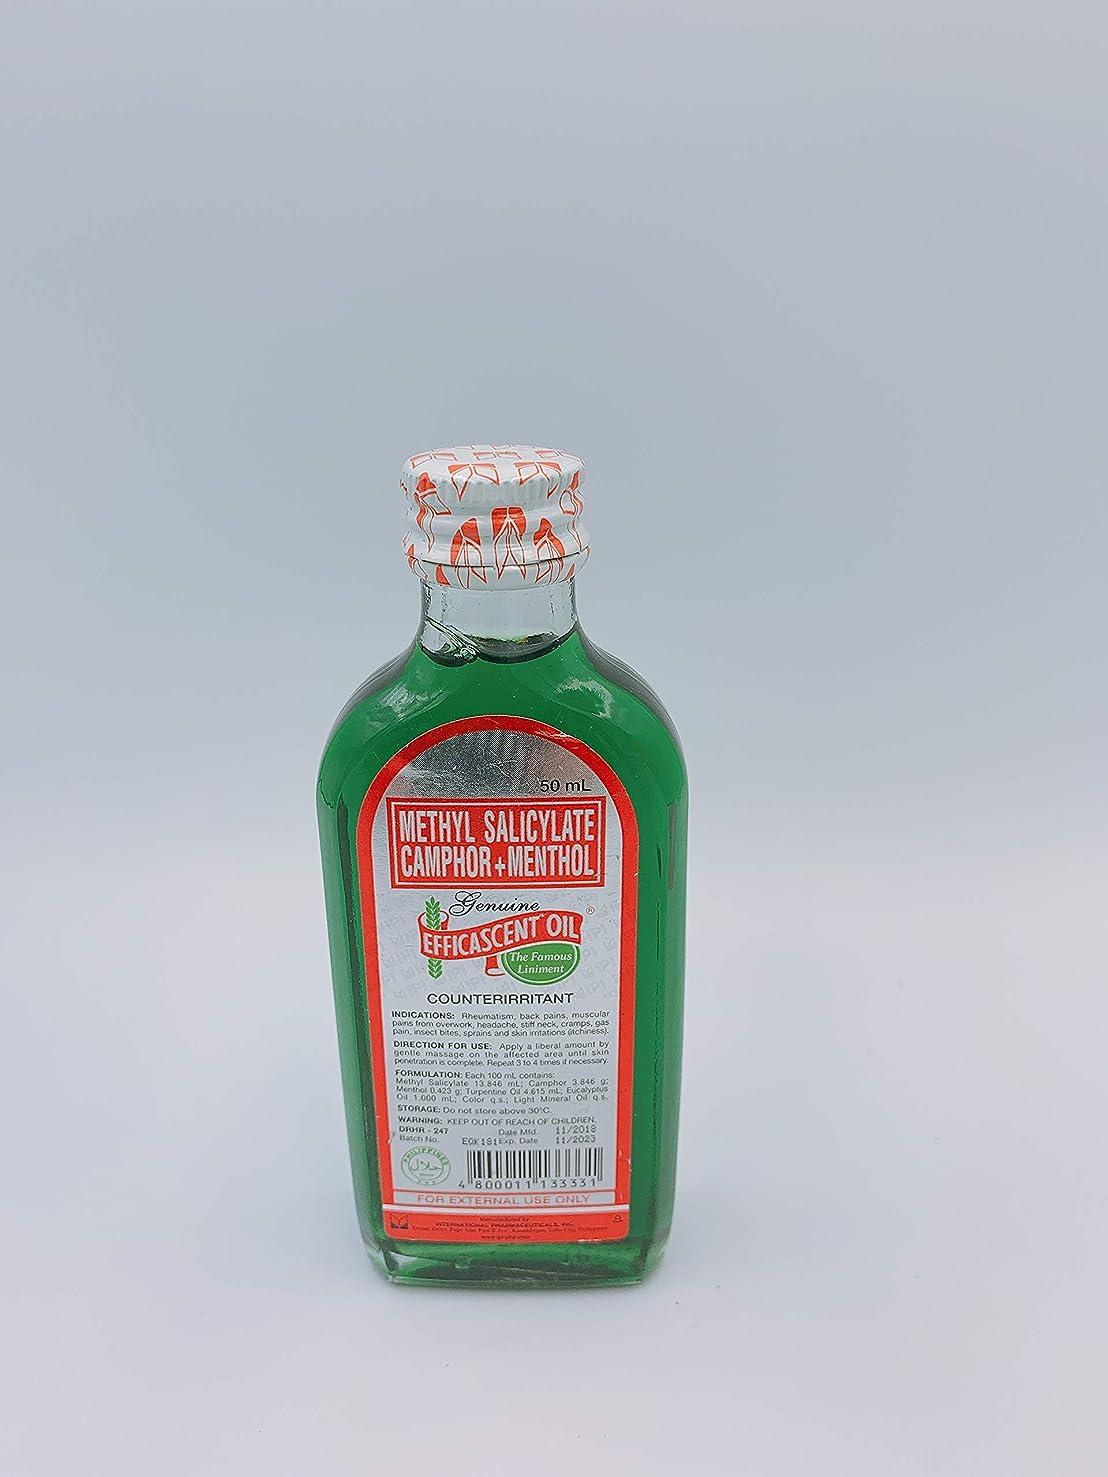 キャンベラポテト出くわすEFFICASCENT OIL 50ml 【エフィカセント マッサージオイル 50ml】